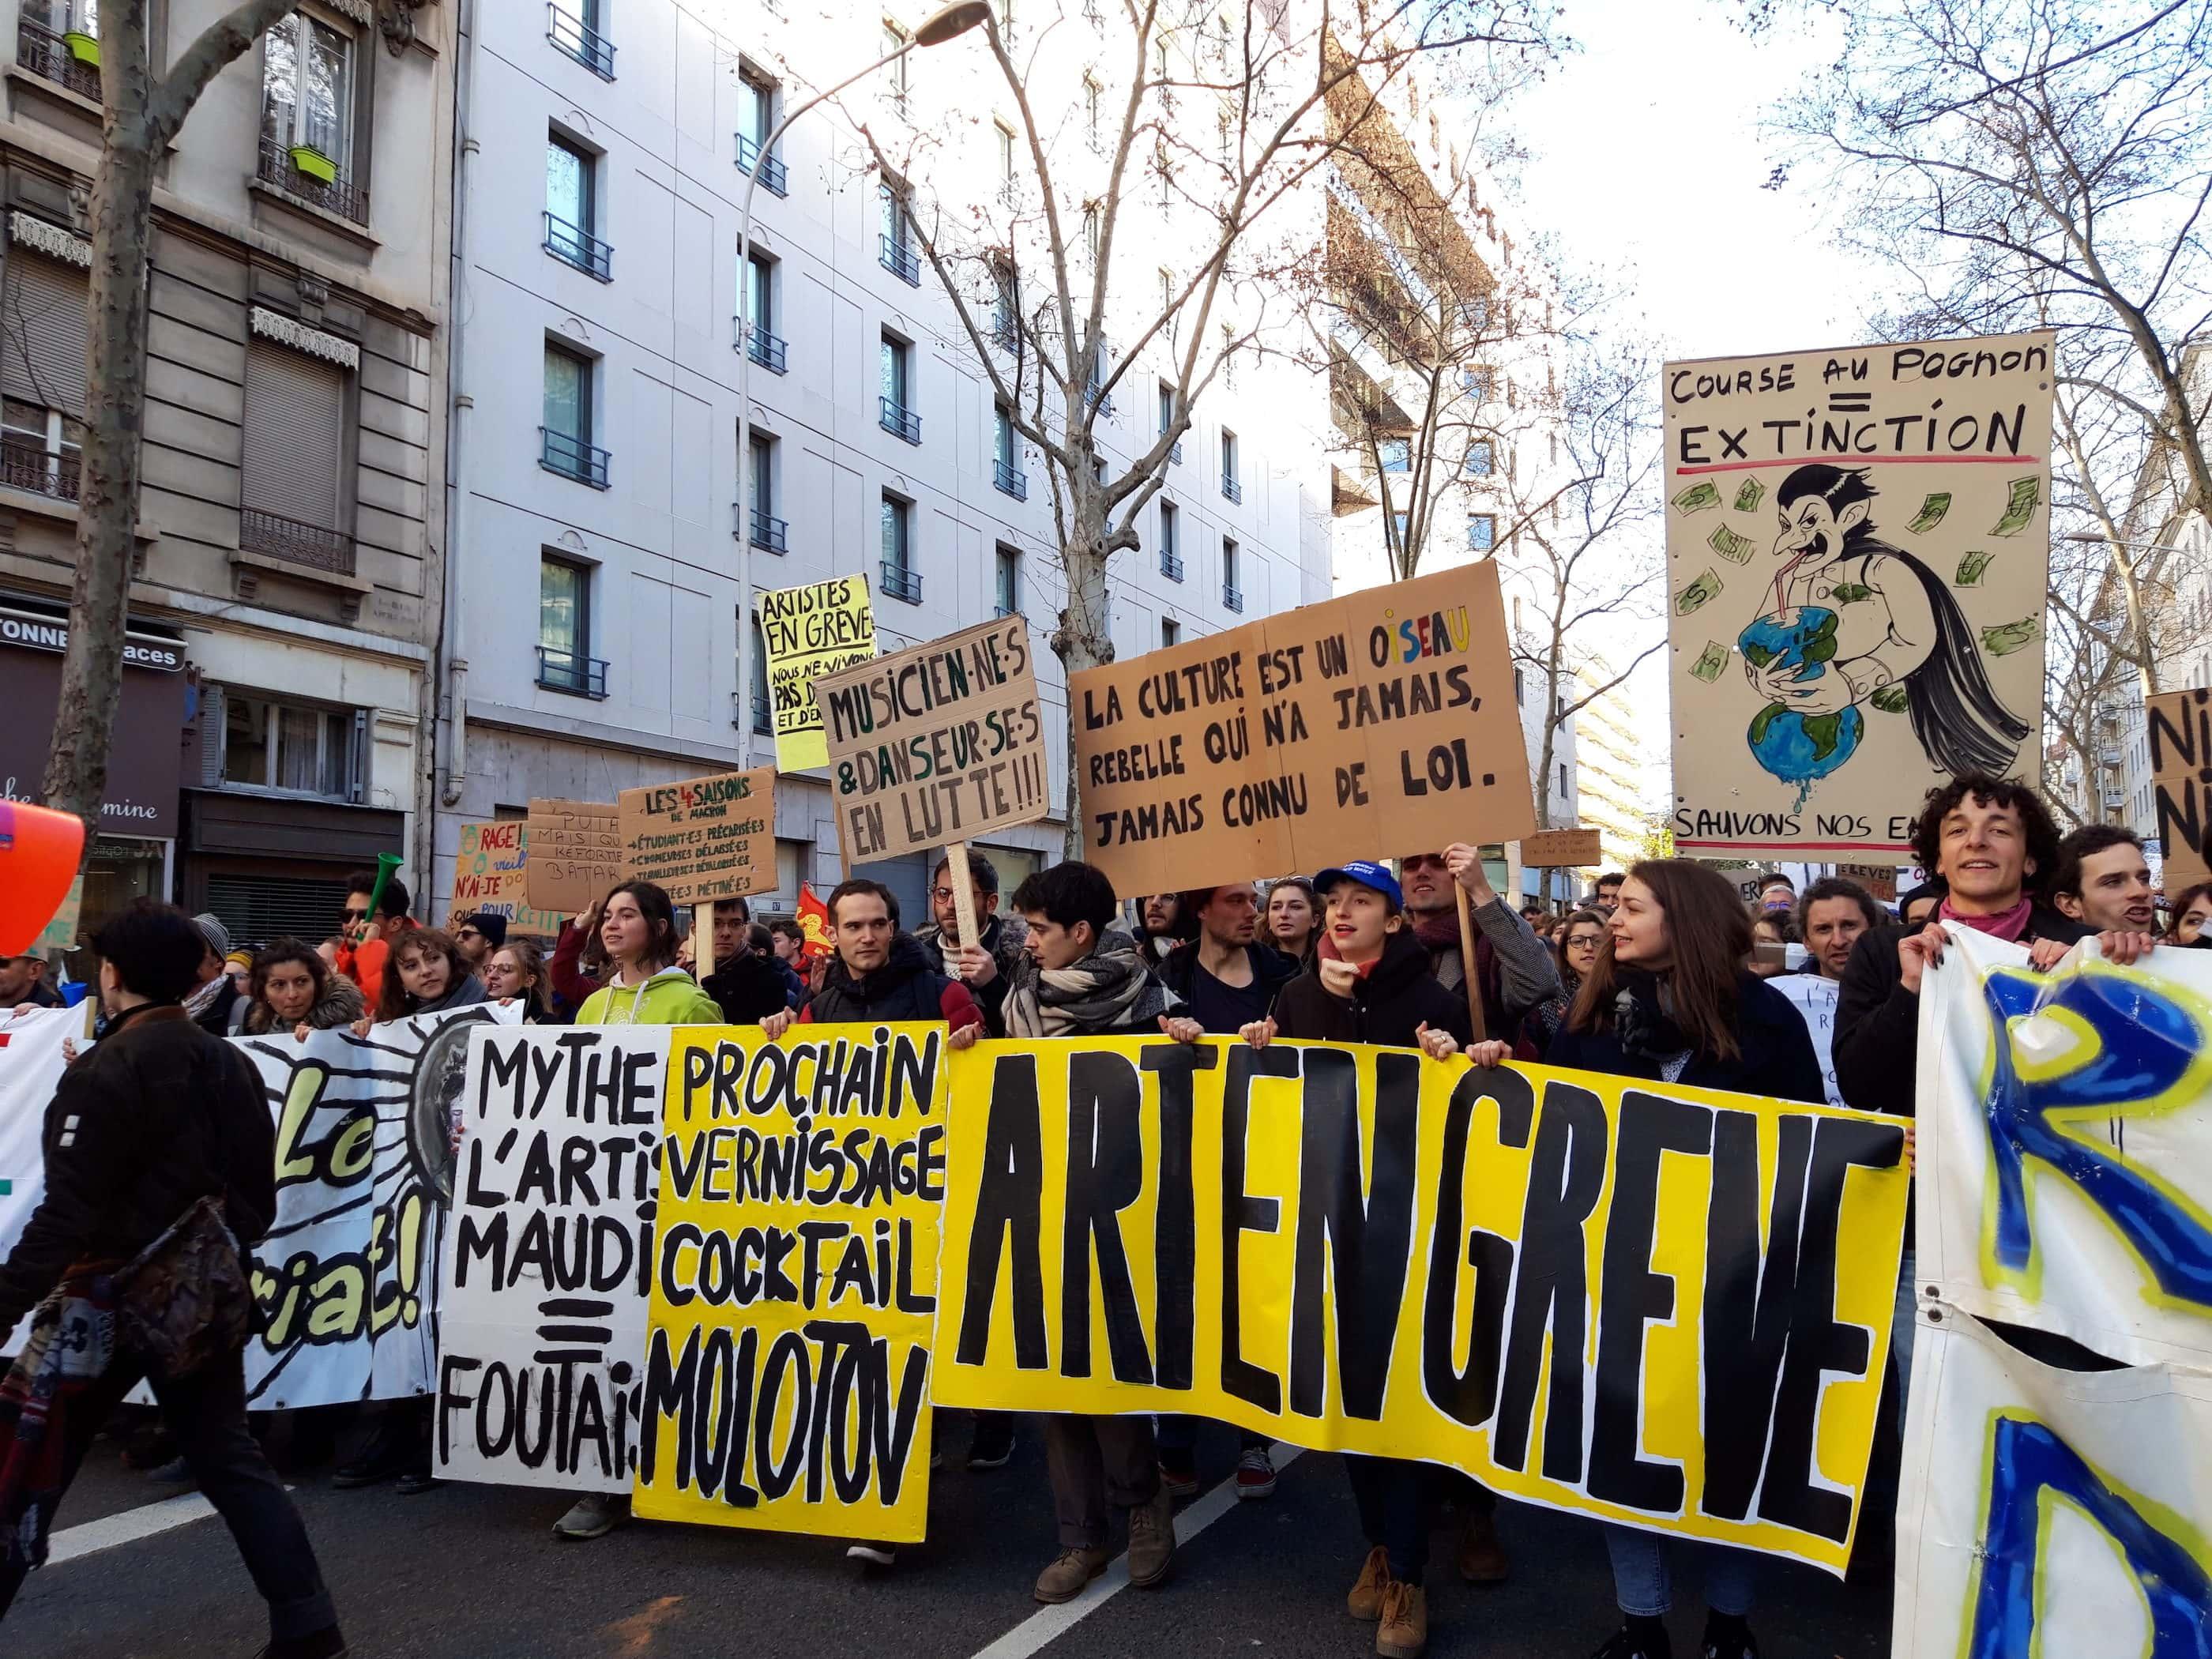 """Le cortège """"culture"""" avec la banderole """"art en grève"""" lors de la manifestation interprofessionnelle contre la réforme des retraites du 9 janvier. ©LB/Rue89Lyon"""